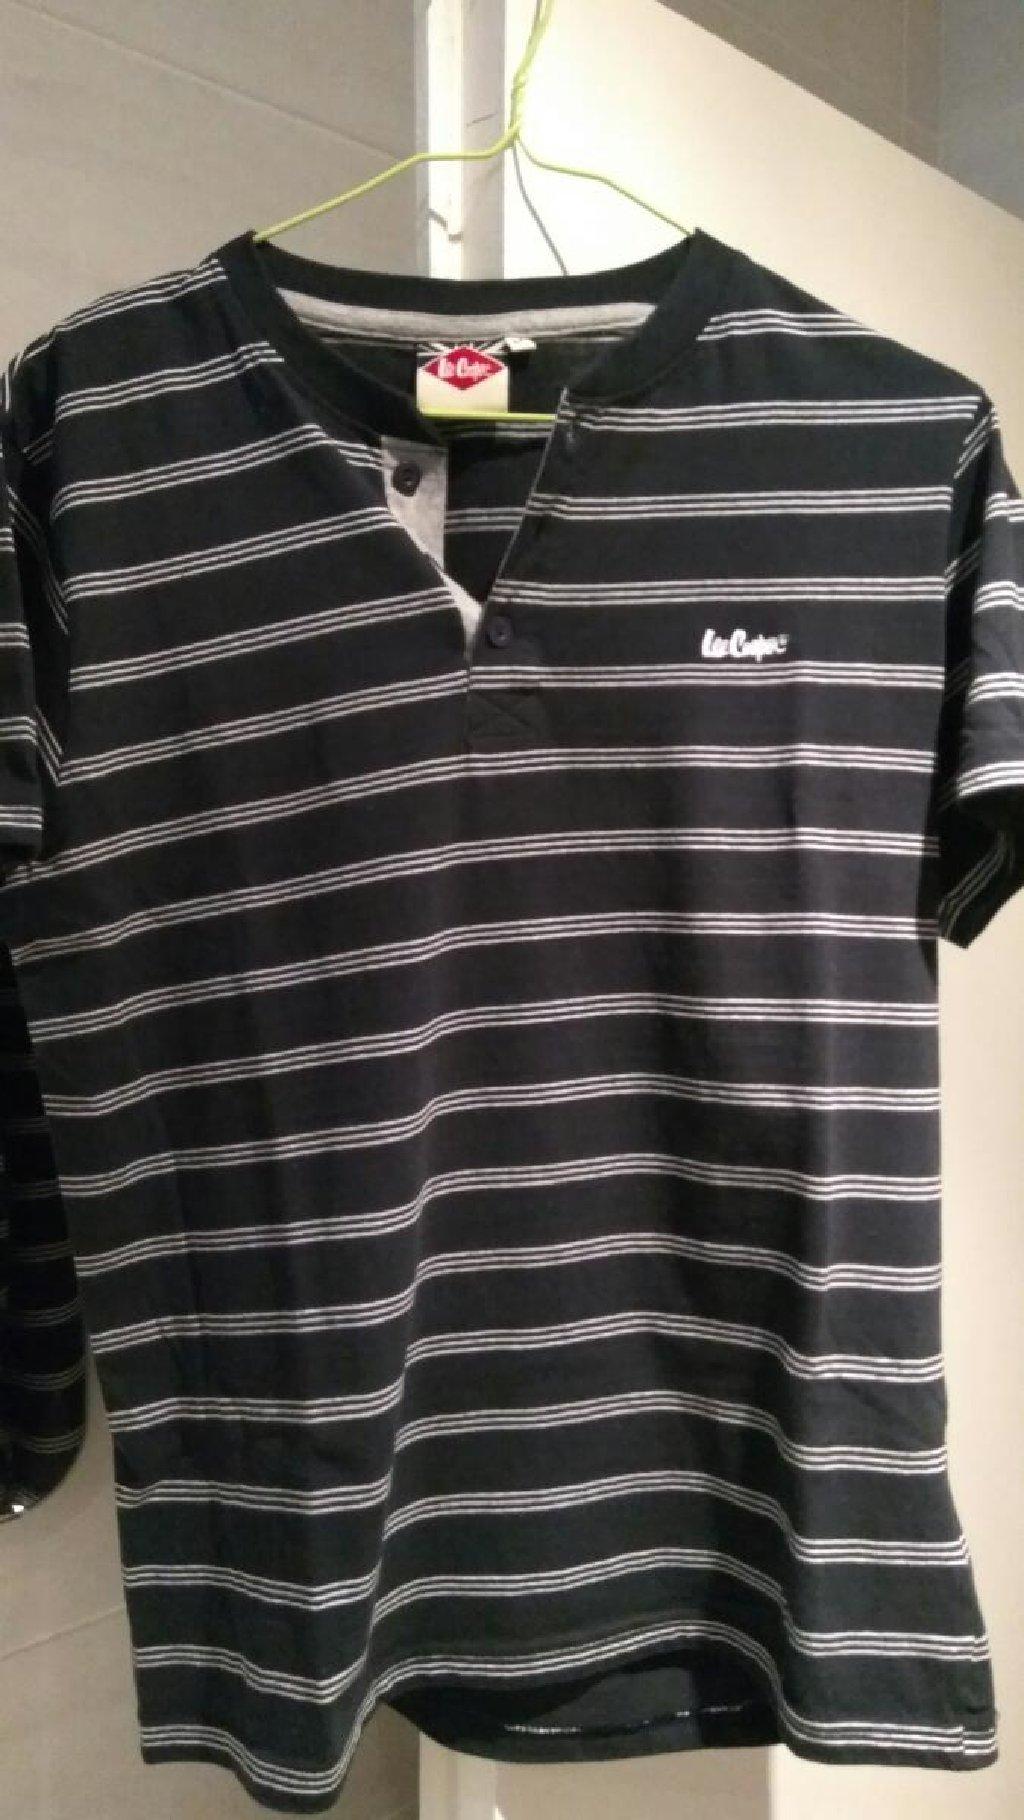 2 κοντομανικα μπλουζακια, Lee cooper και puma αυθεντικά καθόλου φορεμένα λόγω λάθος νούμερου δίνονται 15ευρω και τα δύο ή 10ευρω το καθένα